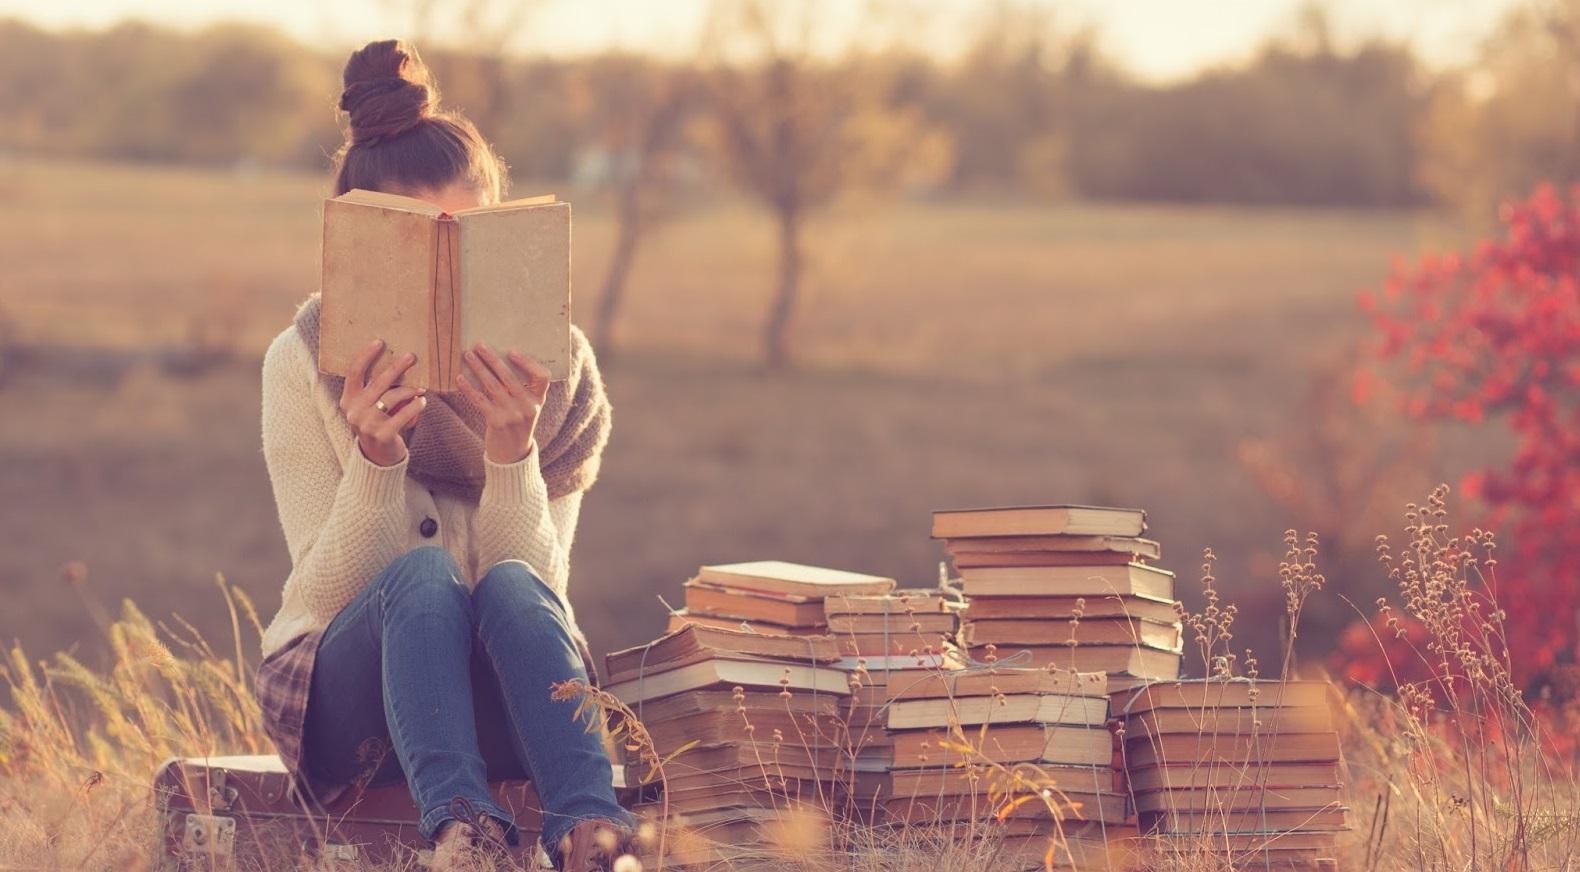 Lợi ích sức khỏe của việc đọc sách cầm tay so với đọc sách điện tử